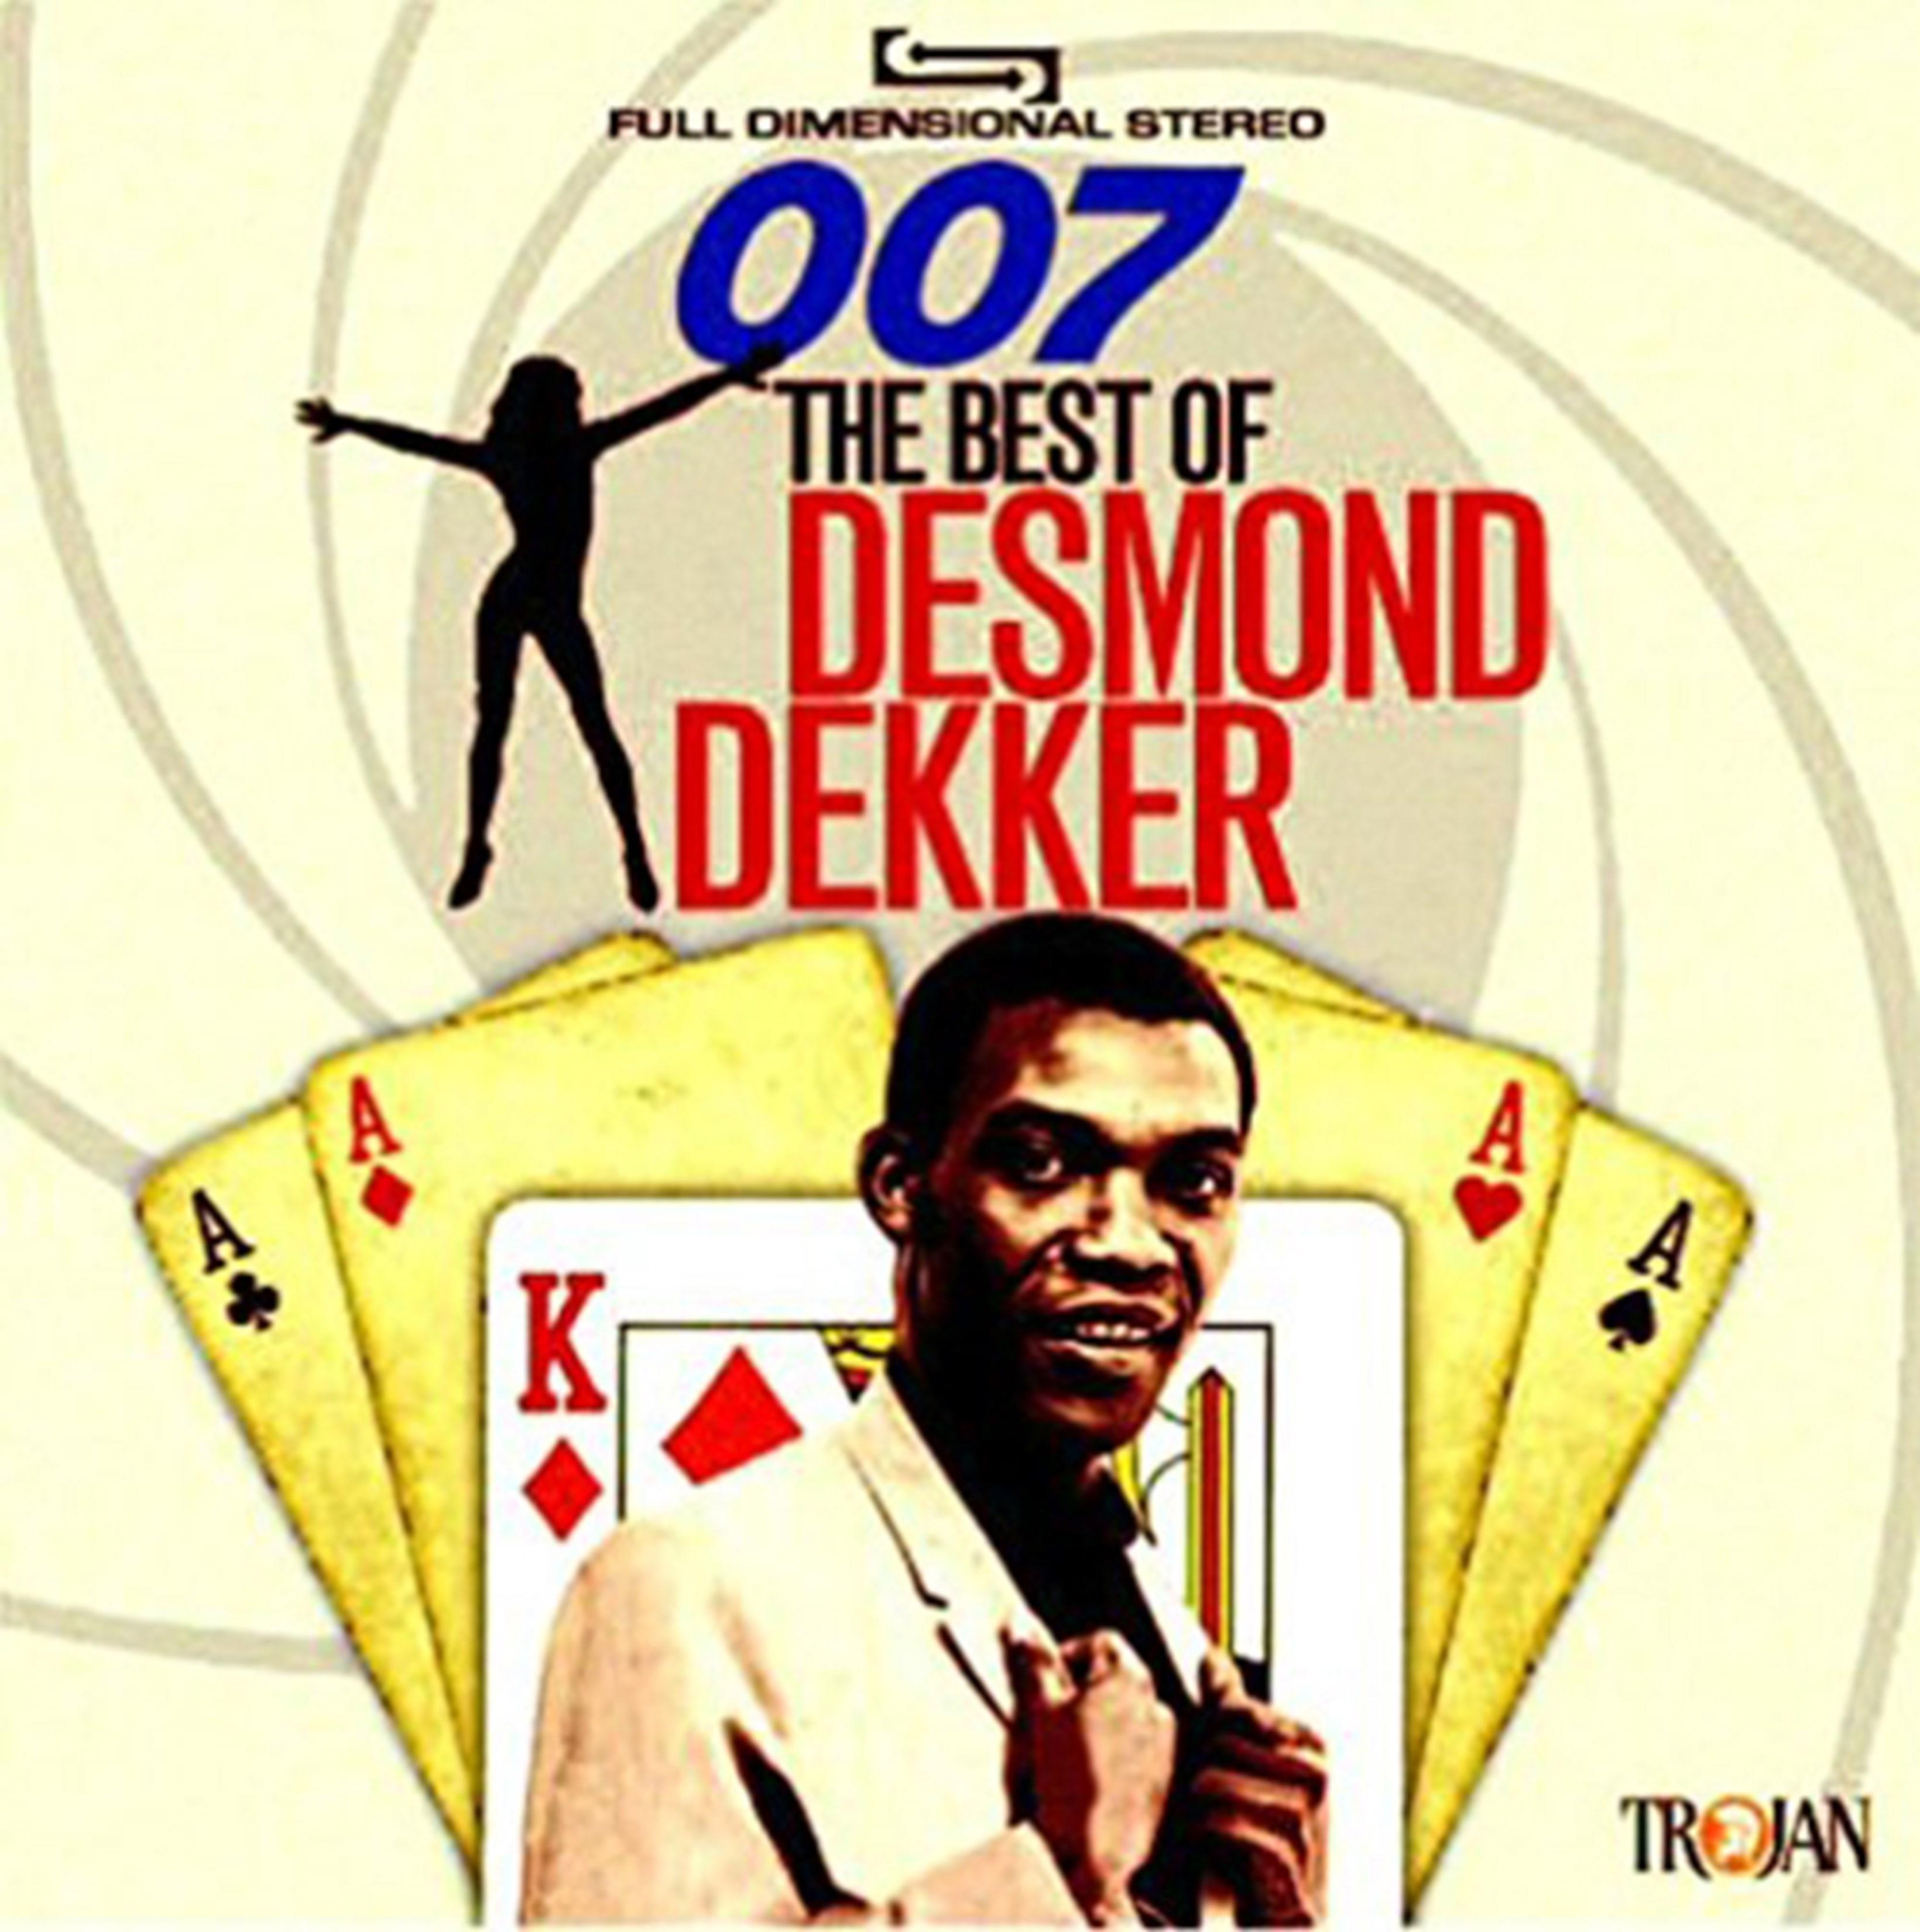 007: The Best of Desmond Dekker - 1